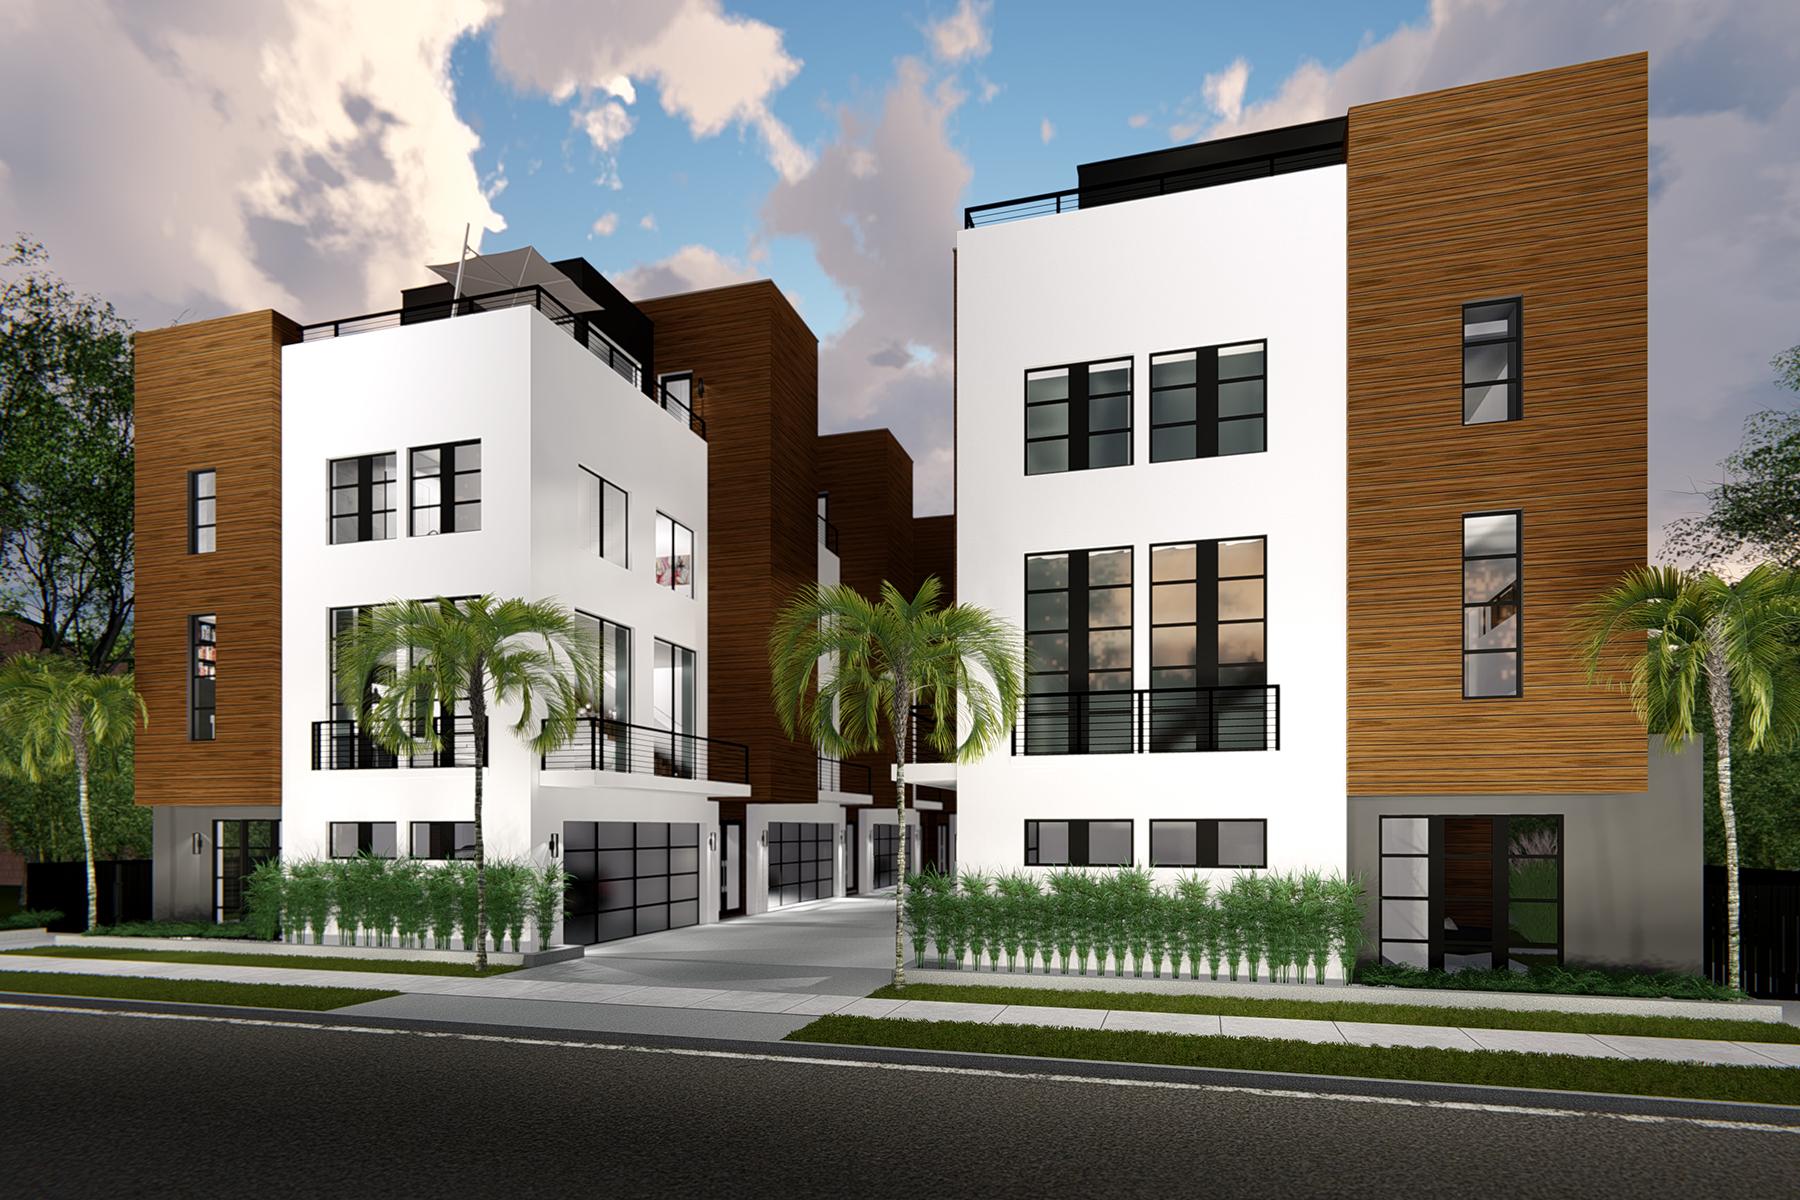 联栋屋 为 销售 在 ORLANDO - FLORIDA 114 E Marks St 10 奥兰多, 佛罗里达州, 32803 美国